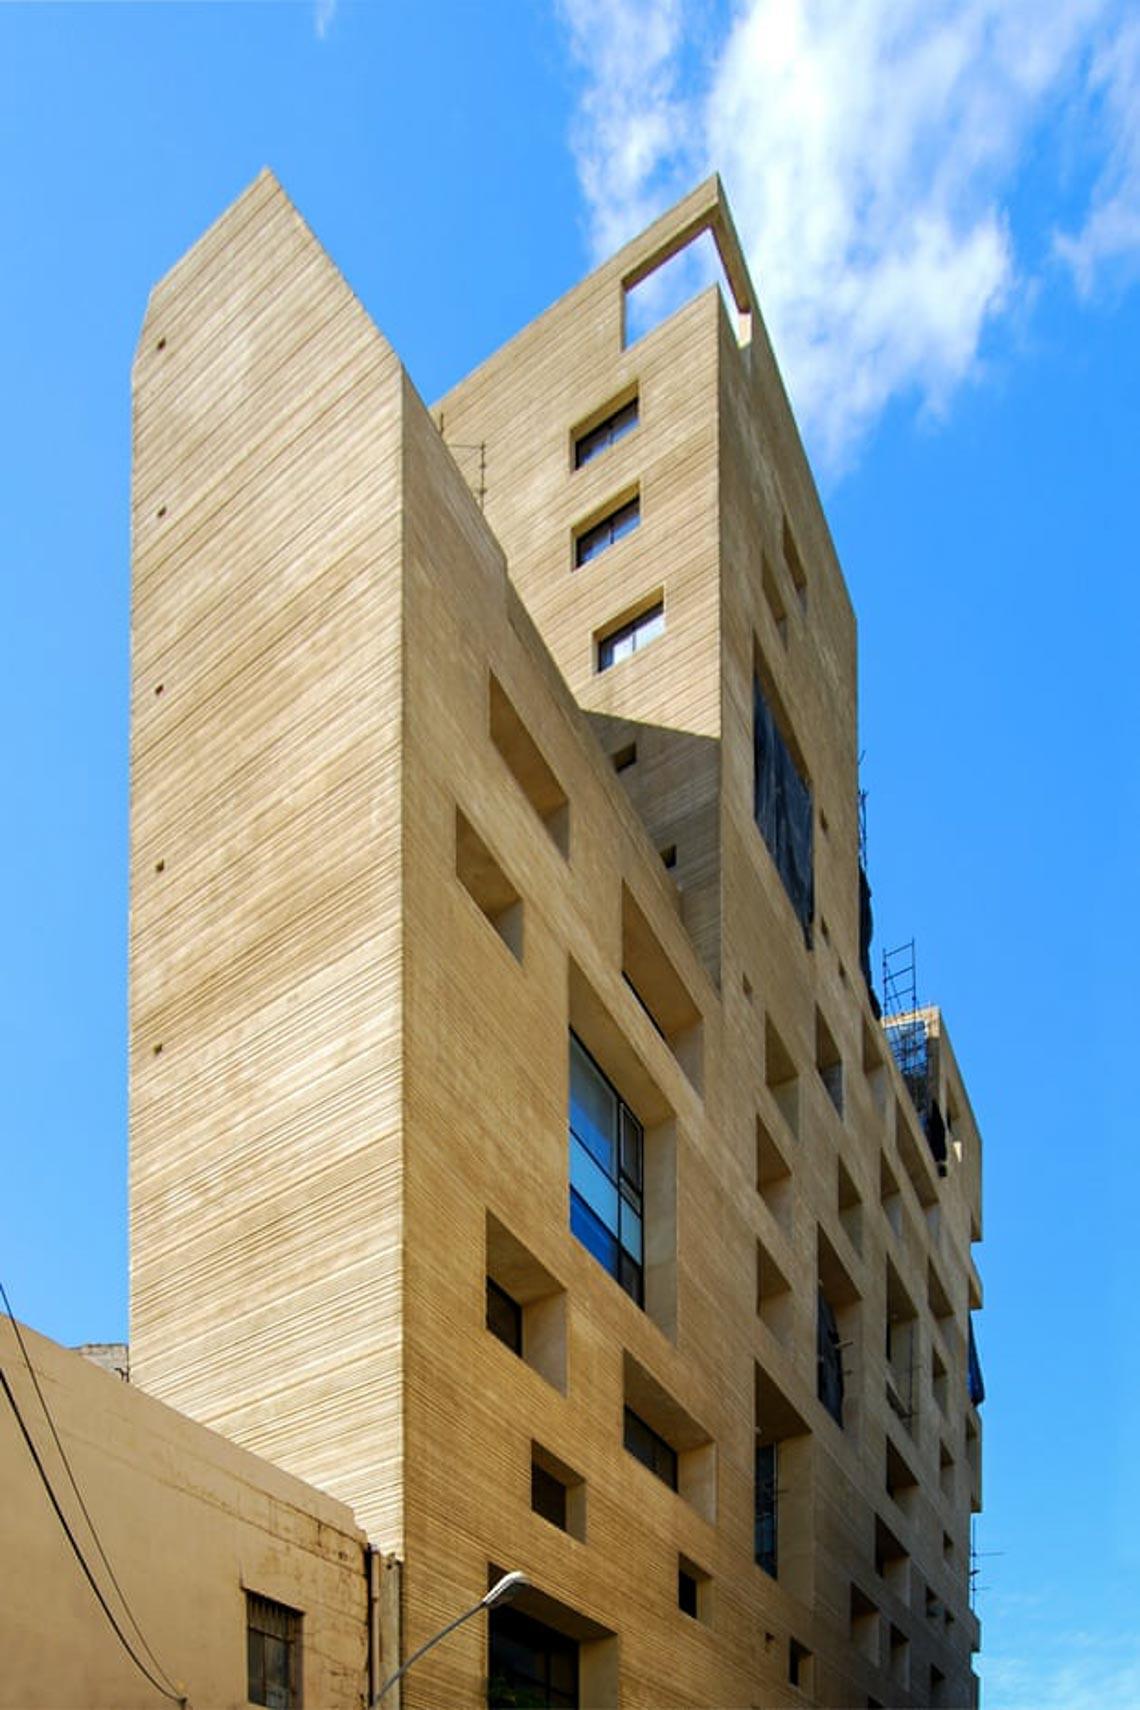 Nhà trẻ vùng cao Bó Mon vào top dự án kiến trúc thế giới mới -9